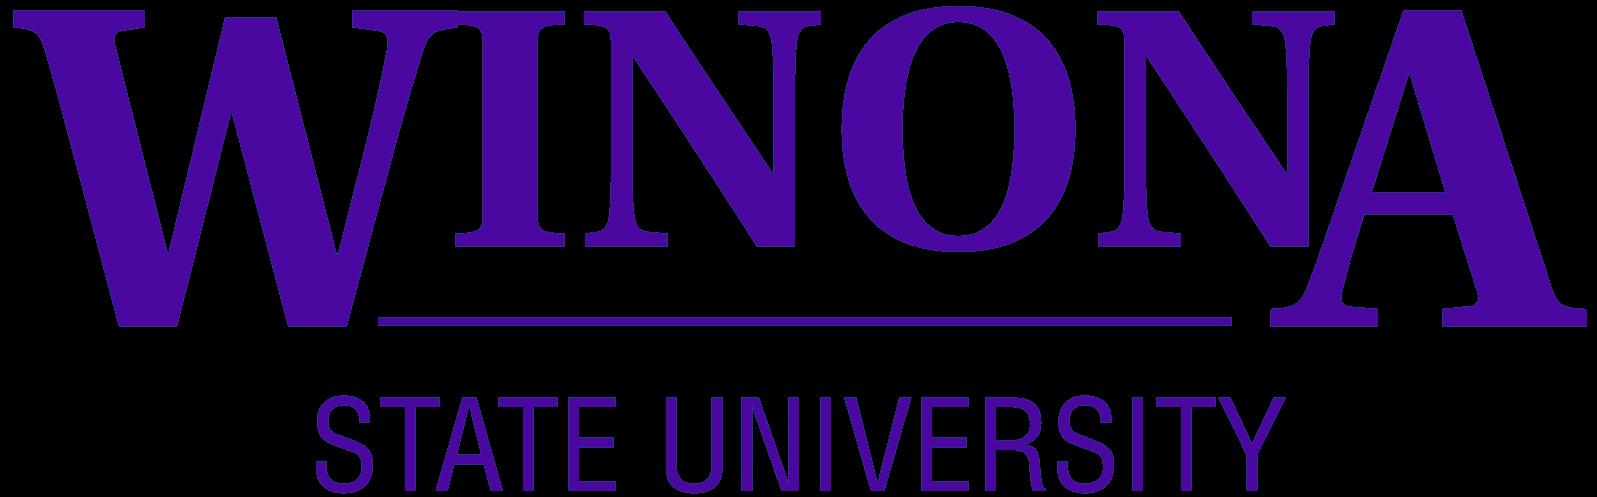 Winona_State_University.png